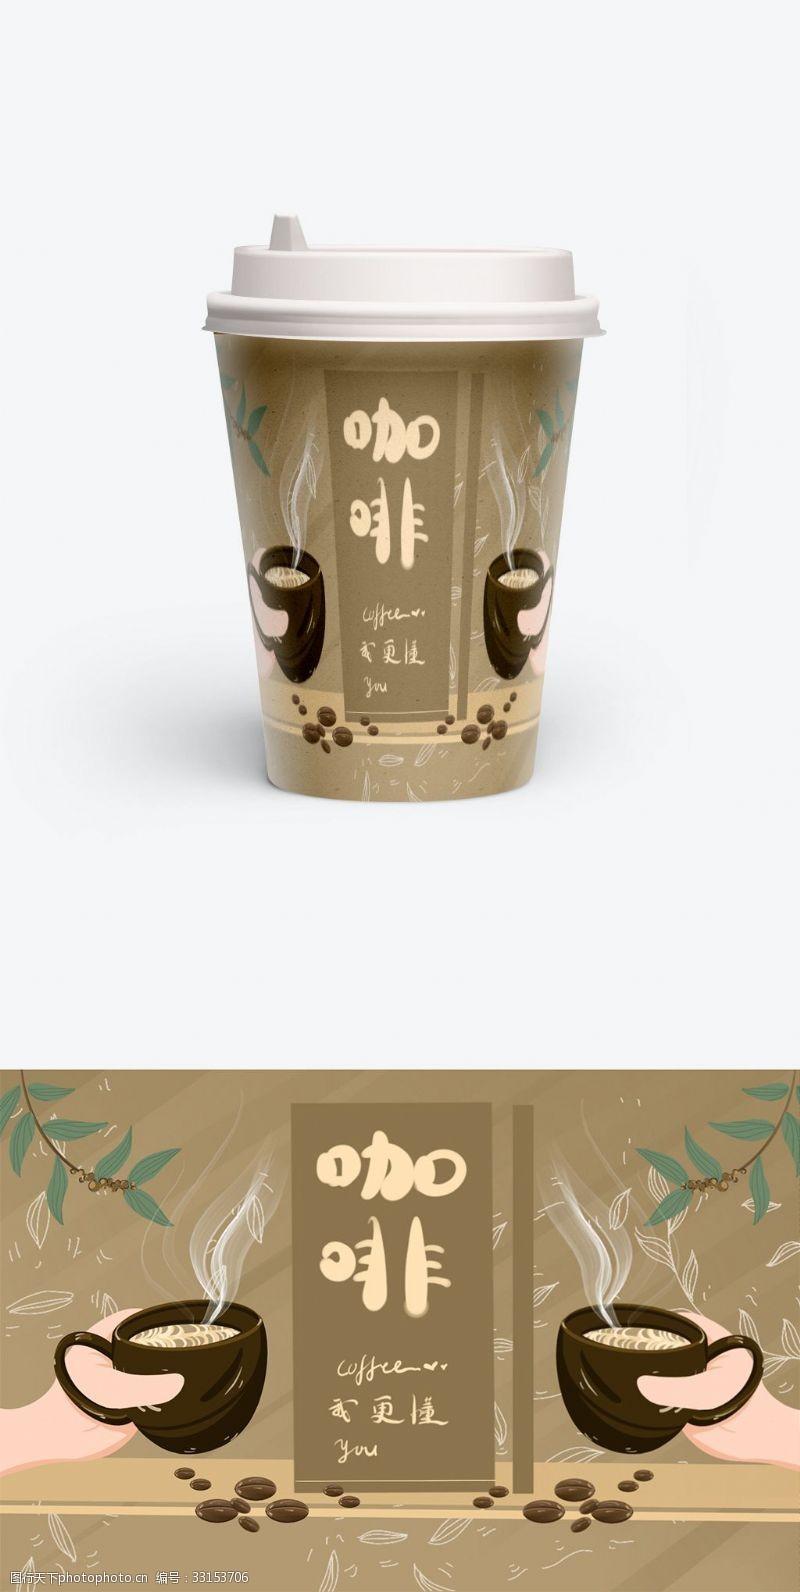 咖啡包装两只手握咖啡杯杯名咖啡我更懂你